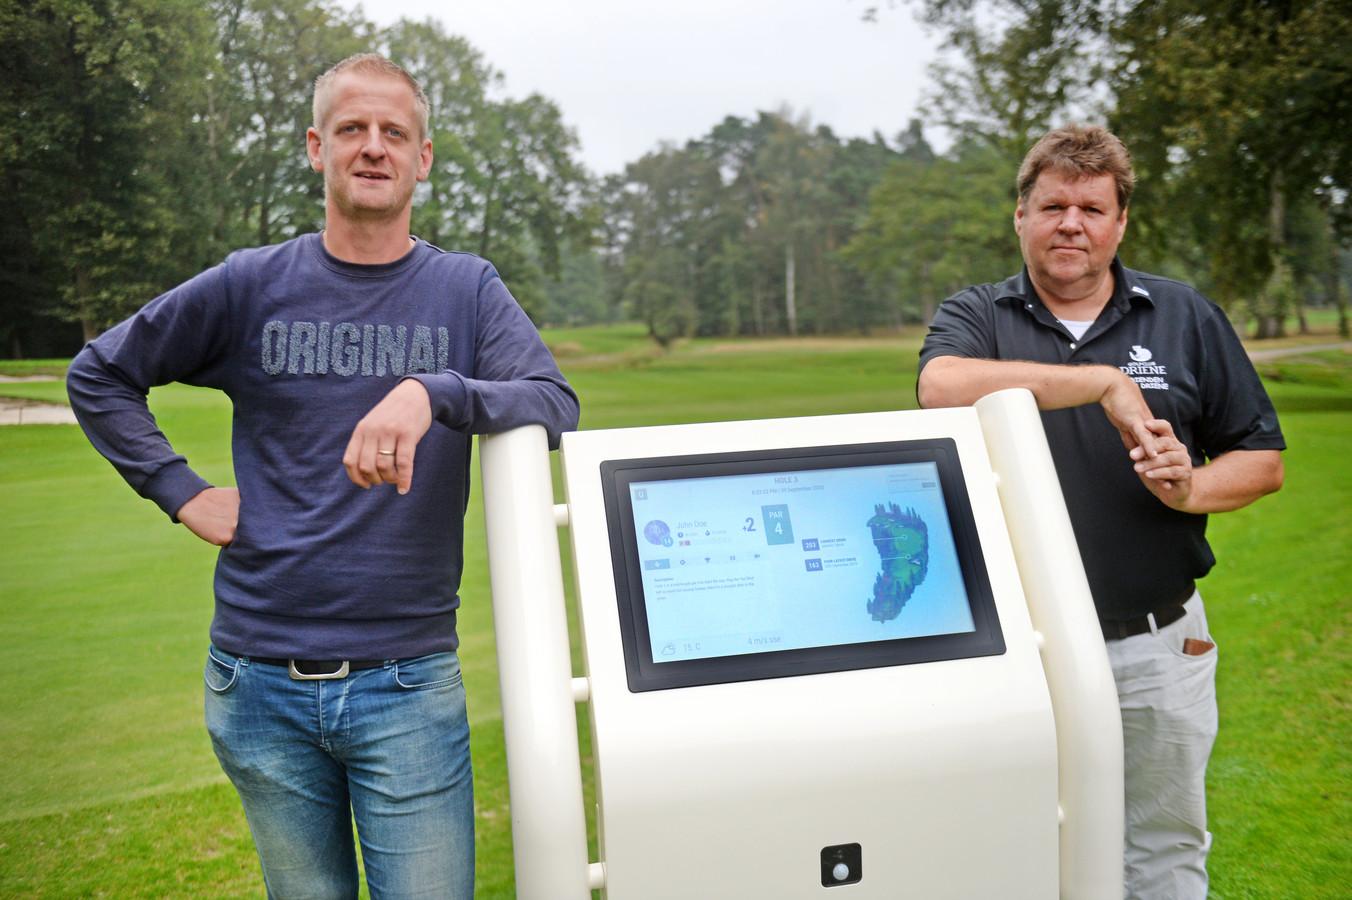 Ontwerper Jaro Tijhuis (links) en bestuurslid Ton de Vent bij de nieuwste digitale display. Golfclub Driene dient als pilot project voor het systeem van Tijhuis.